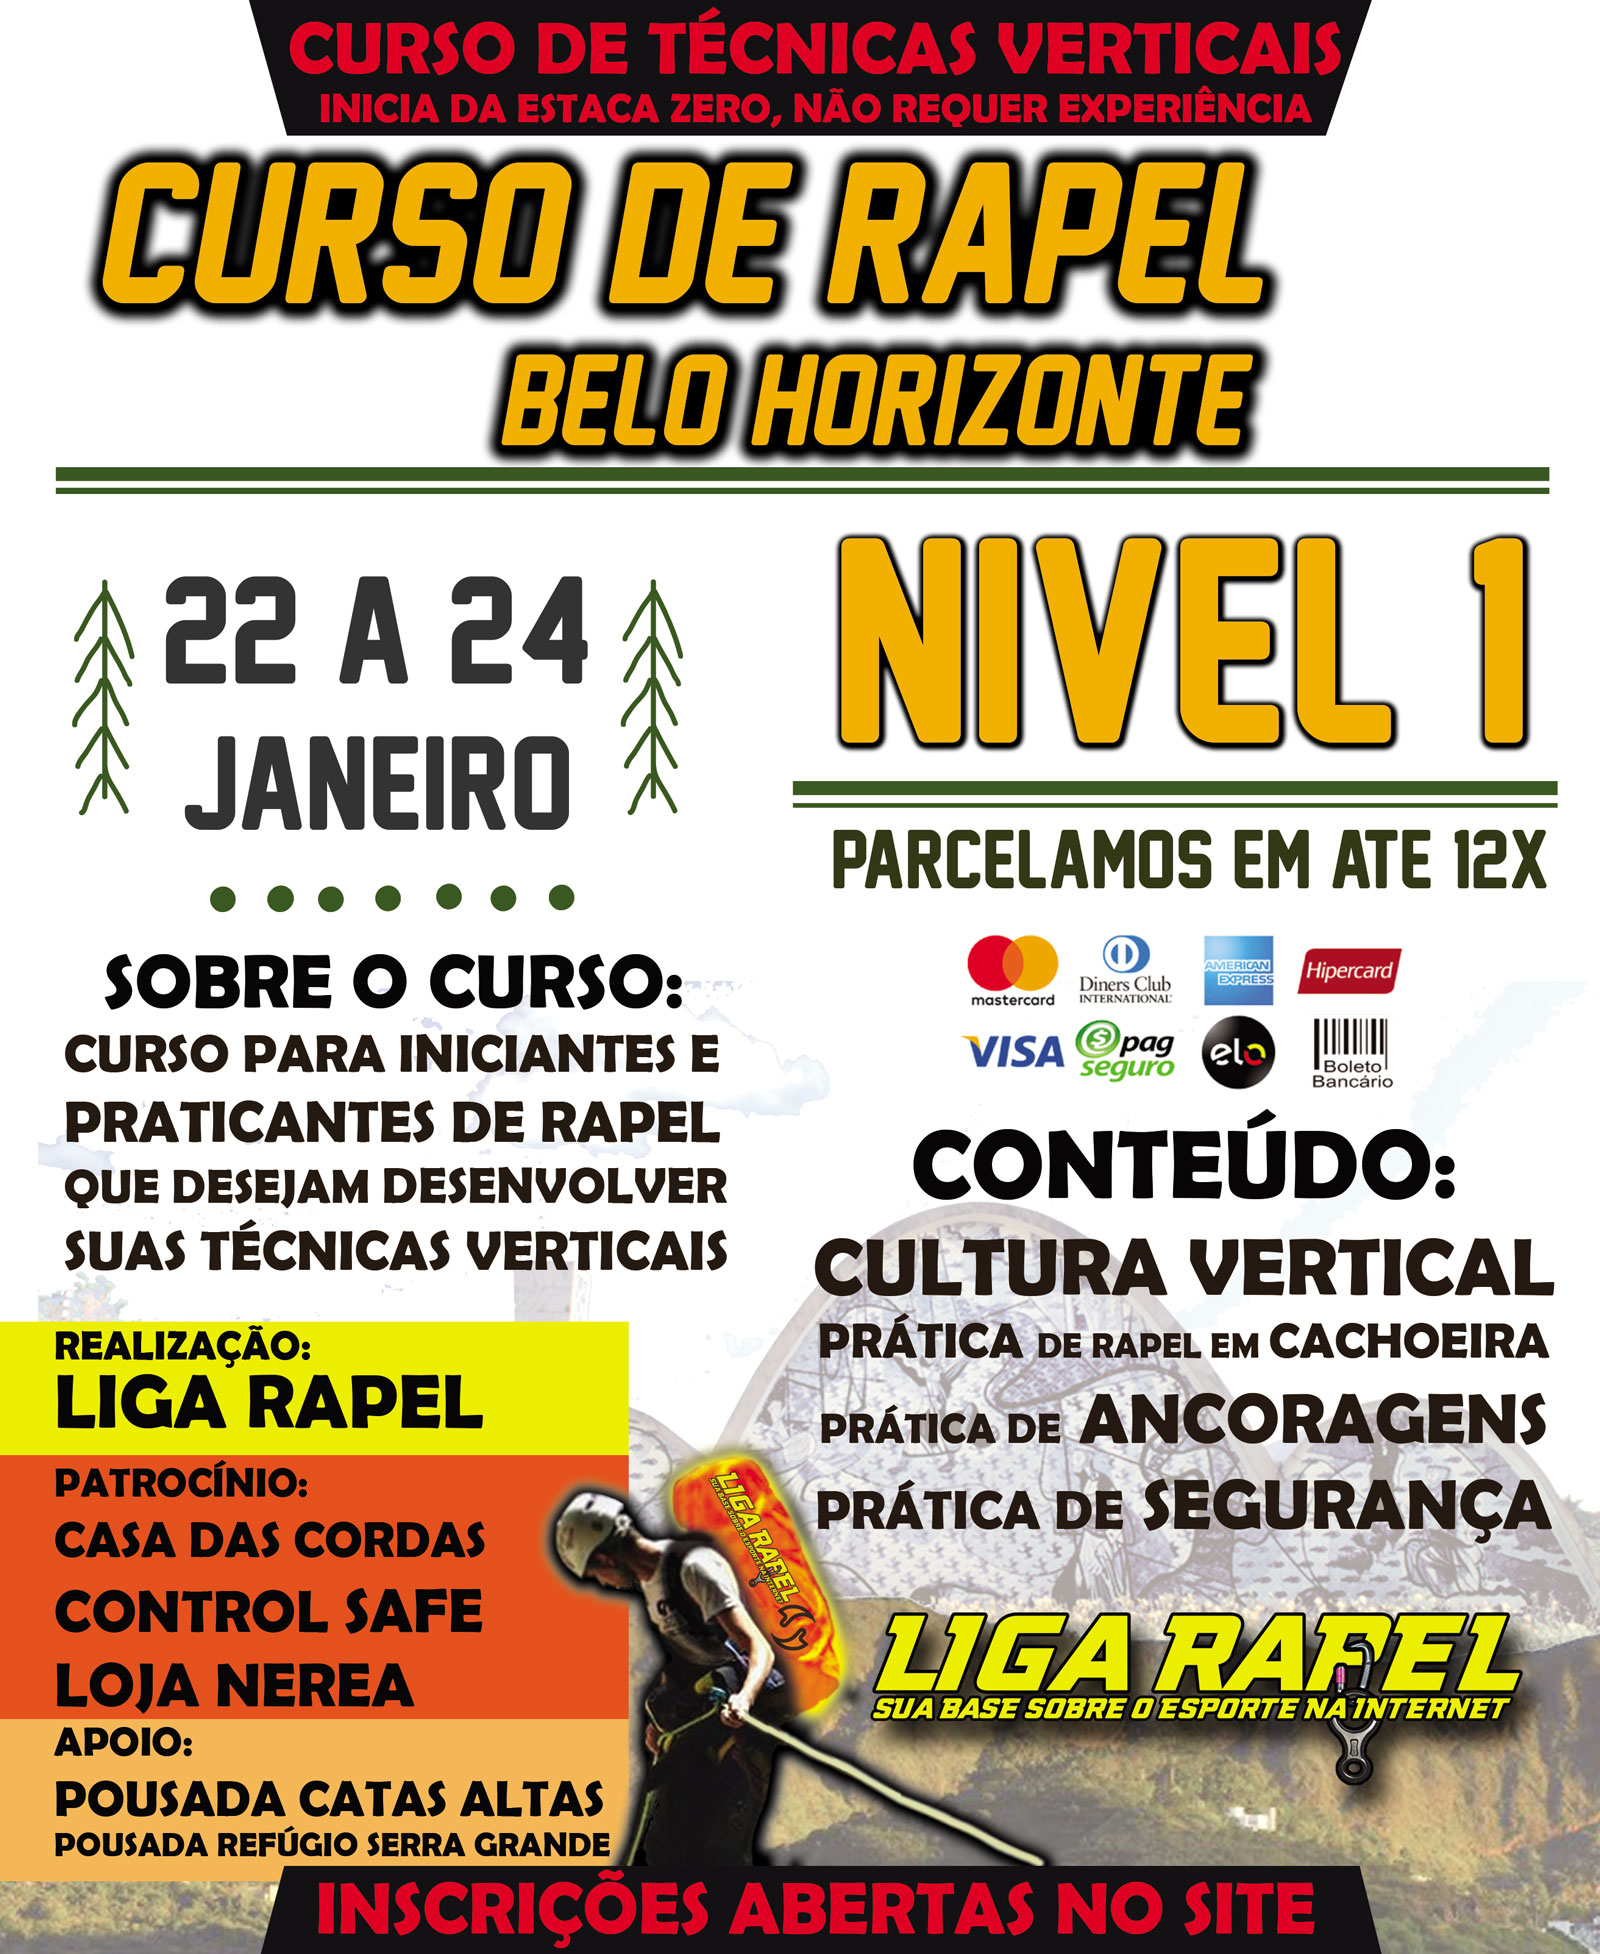 Curso de Rapel Nível 1 – Belo Horizonte